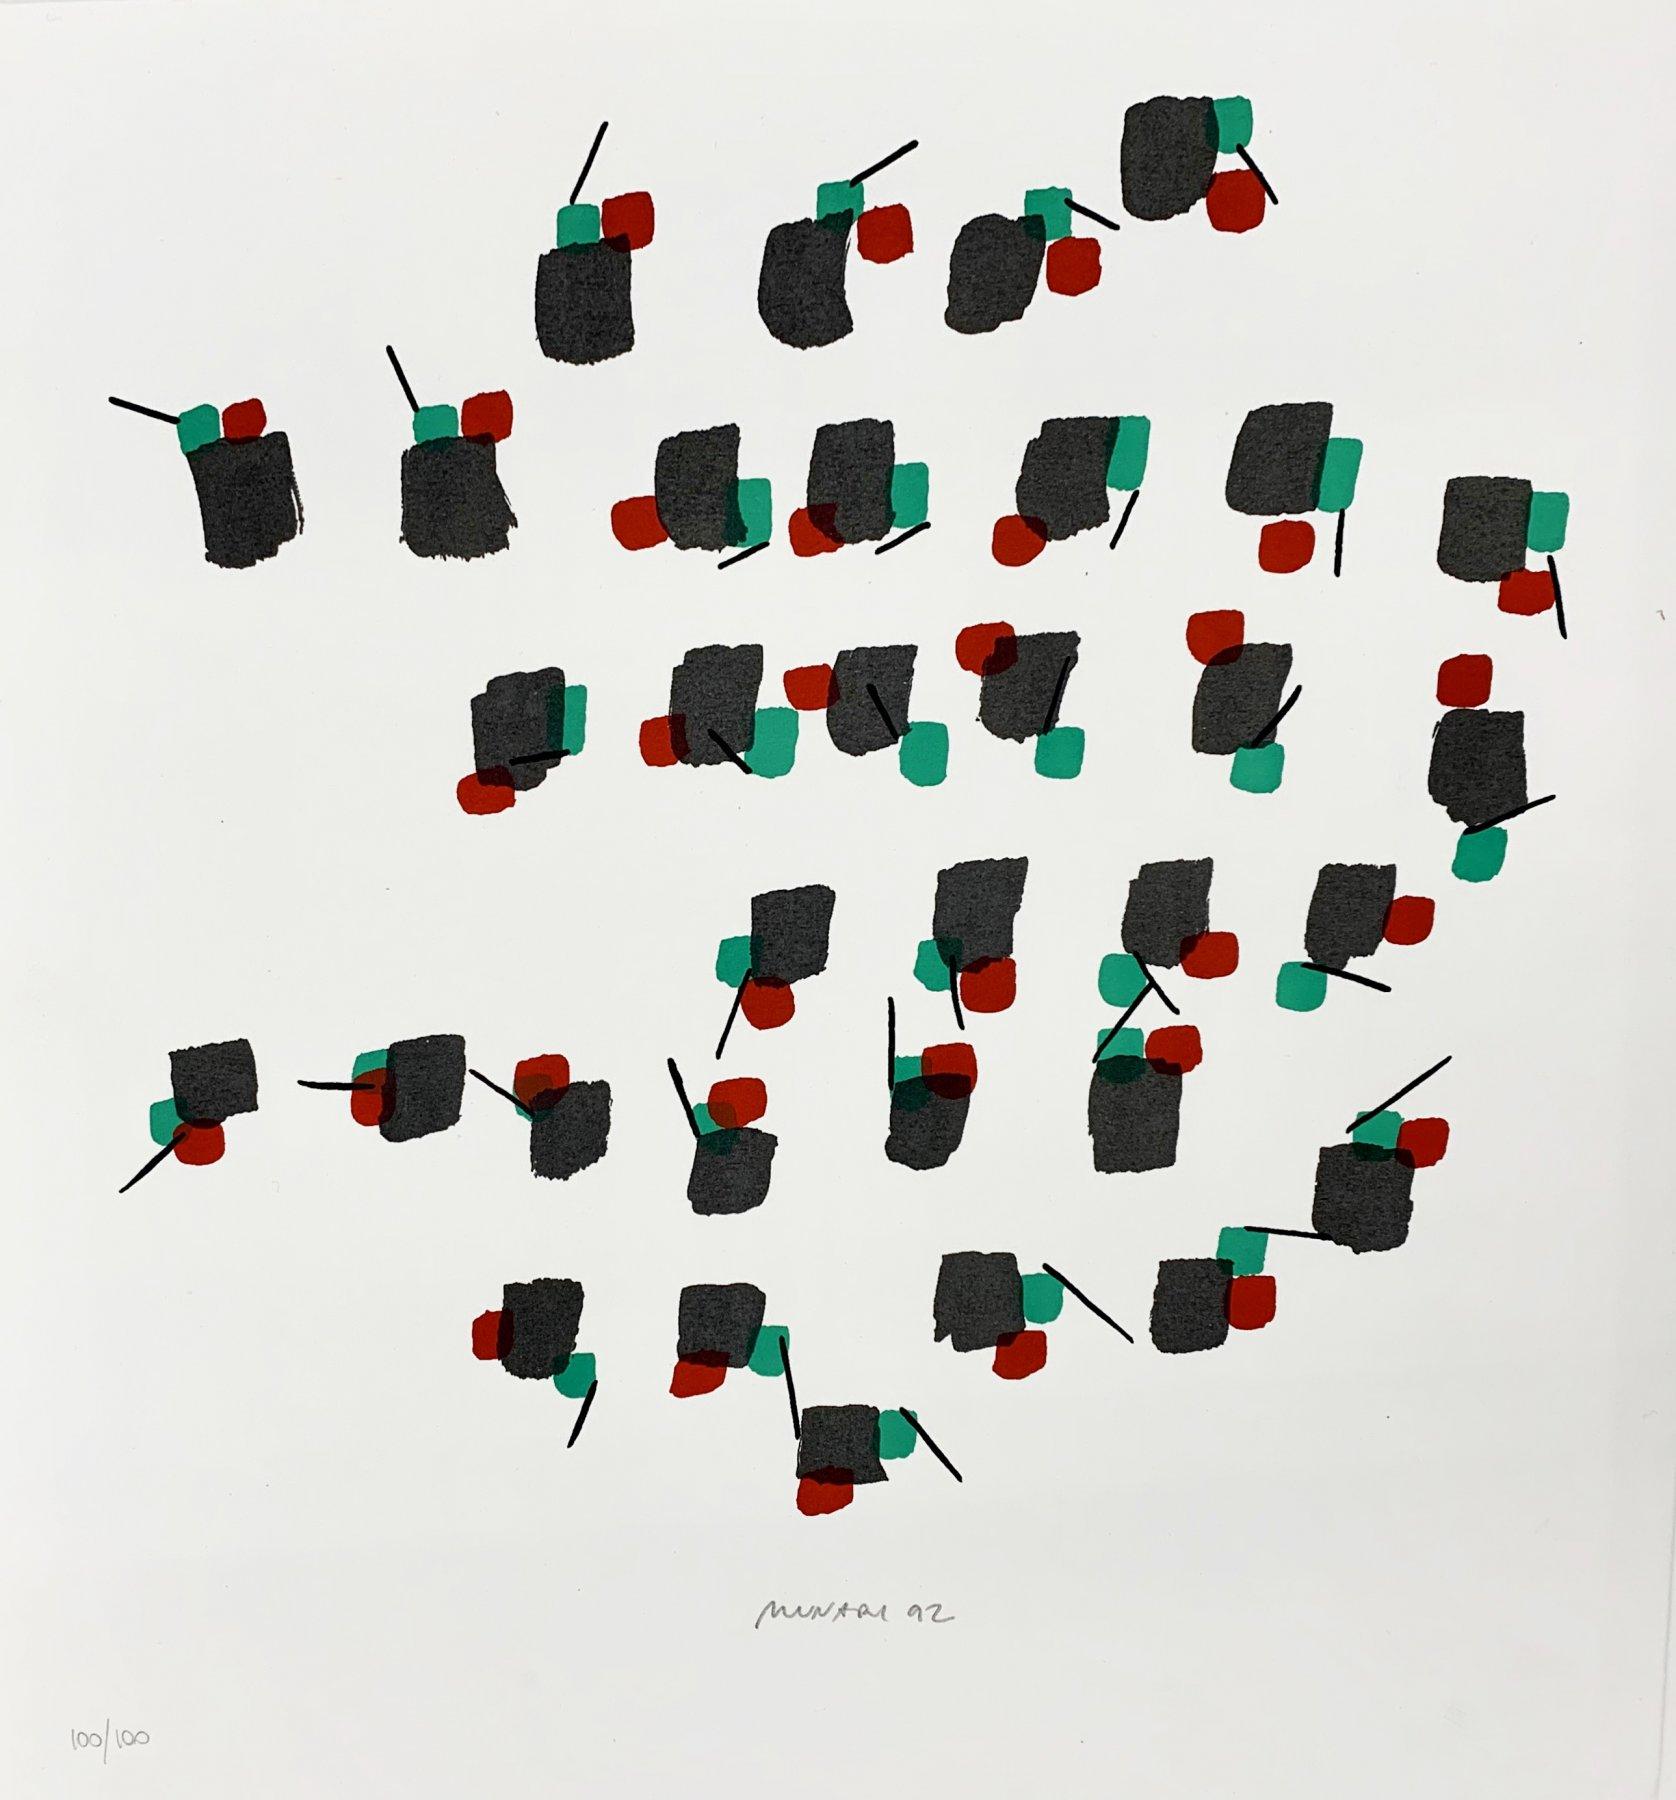 Sequenze cinetiche (1992) - Bruno Munari